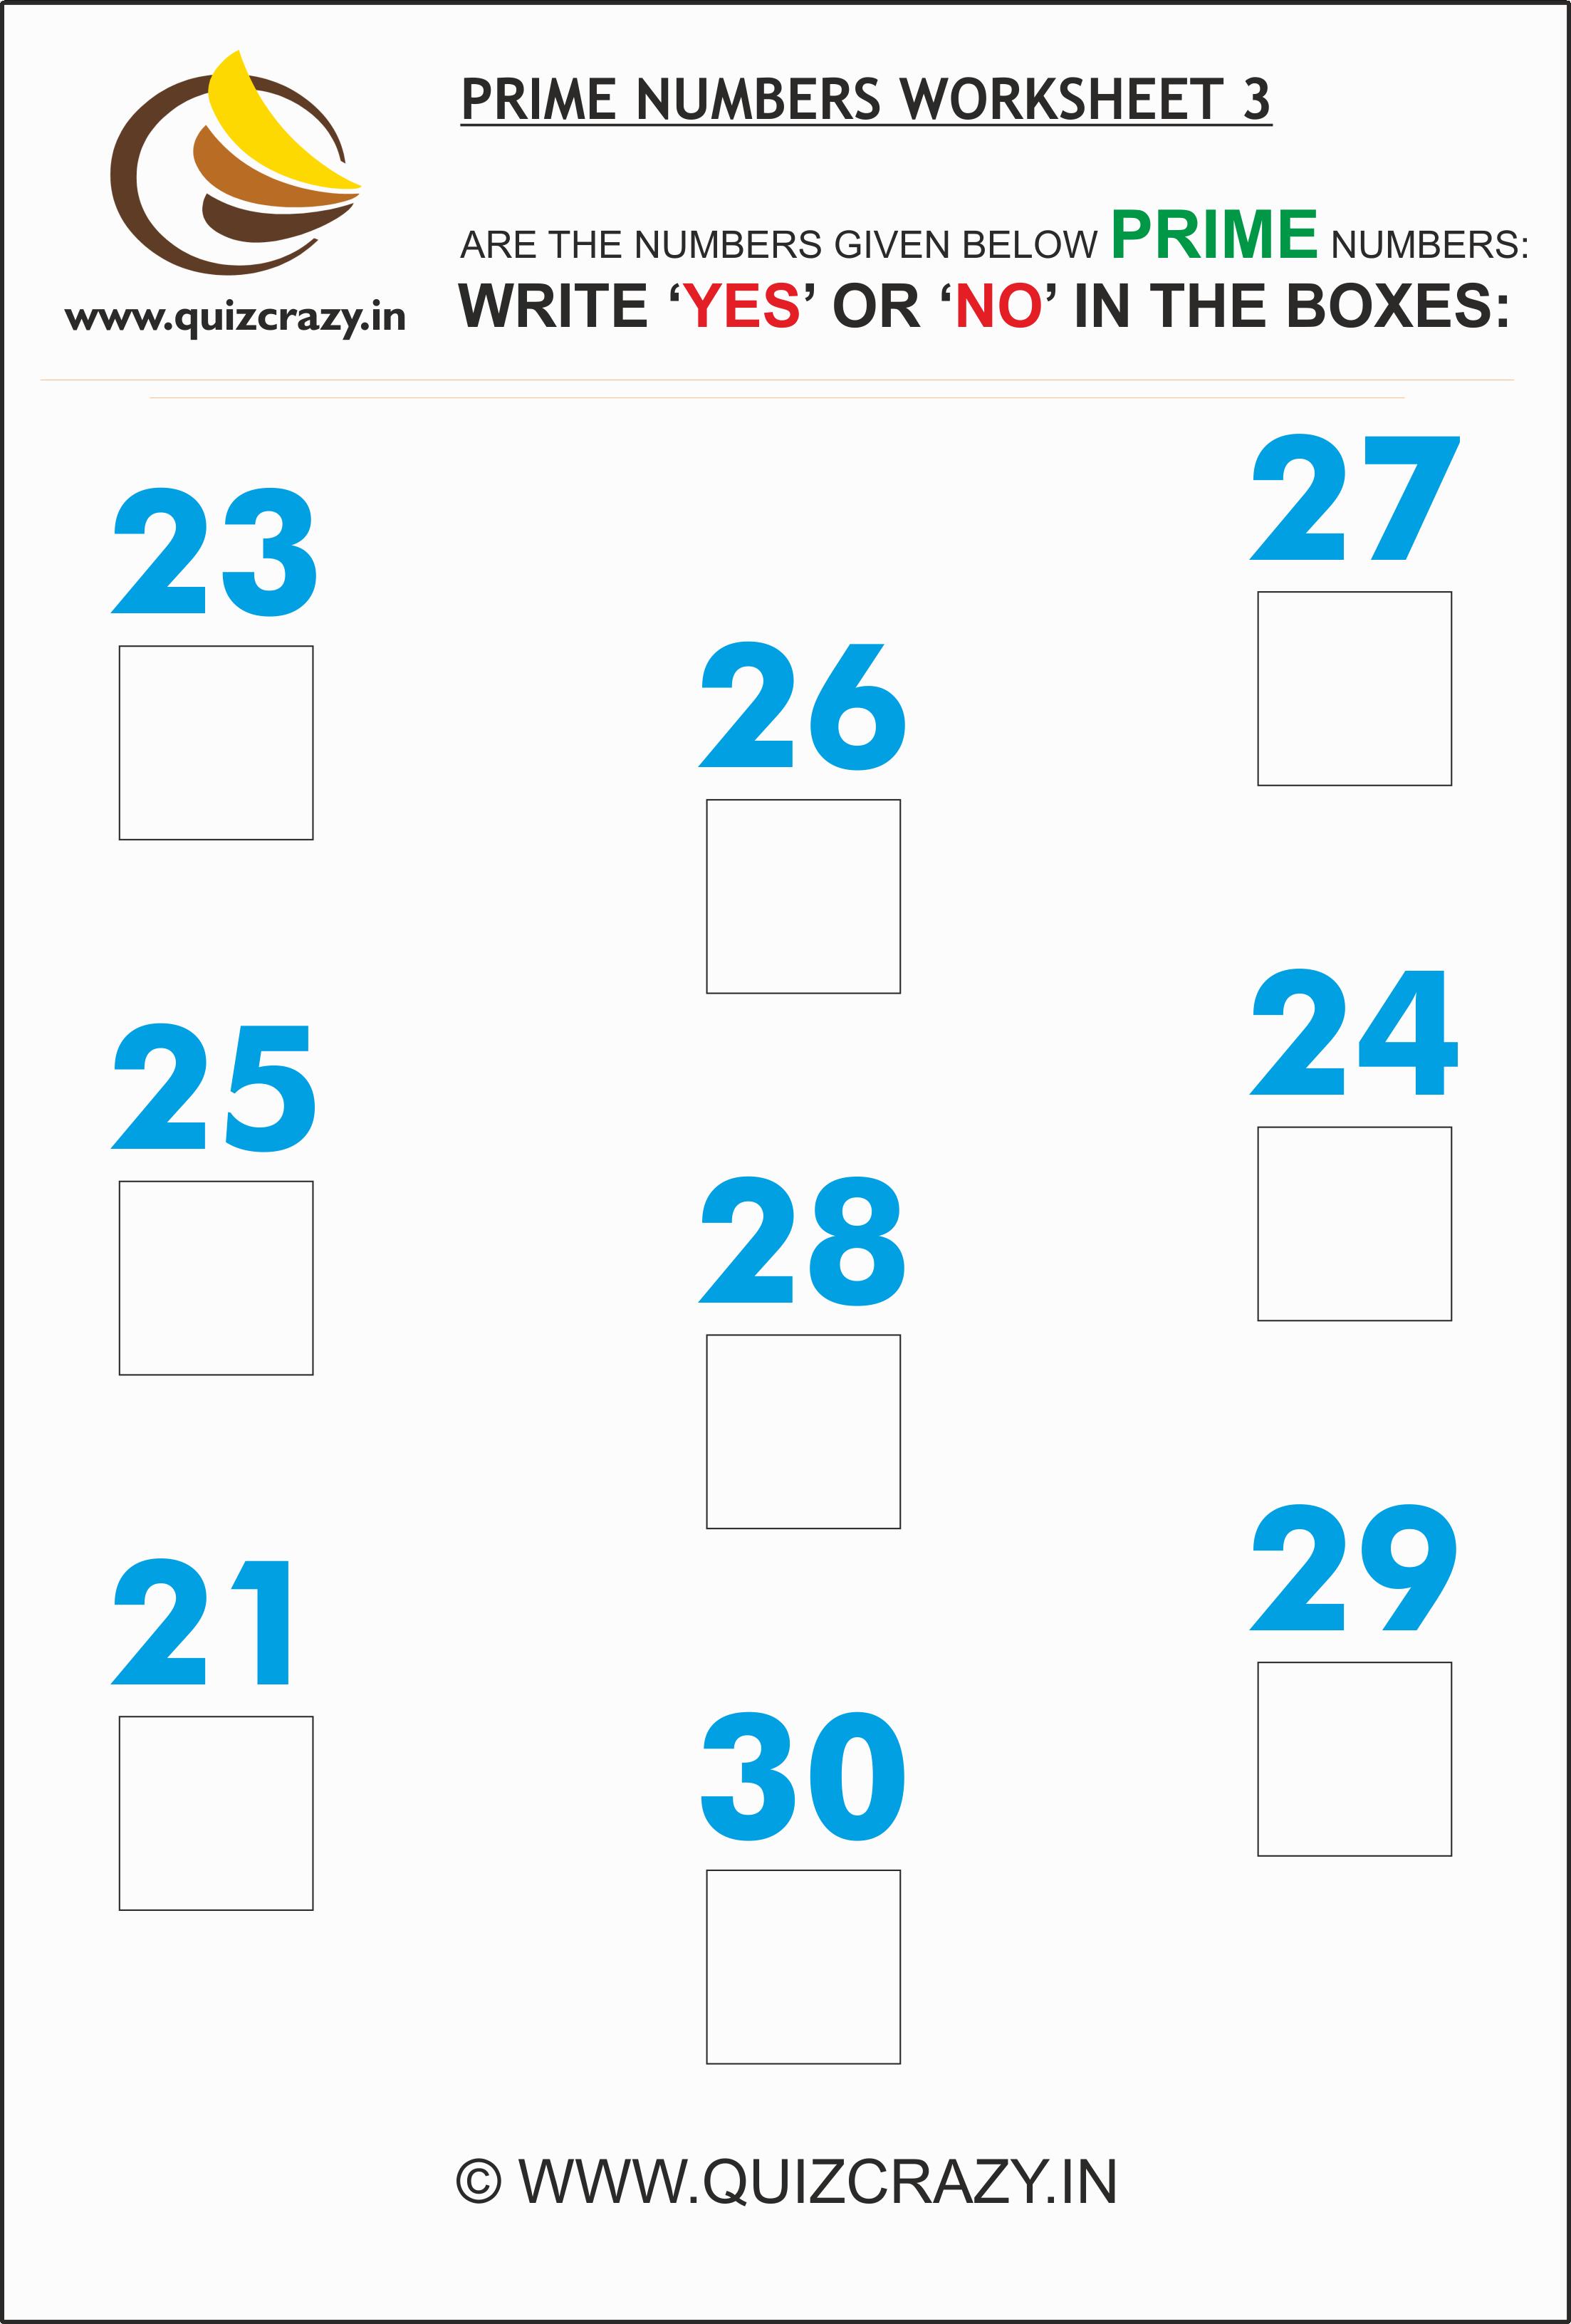 Prime Numbers Worksheet Set 3